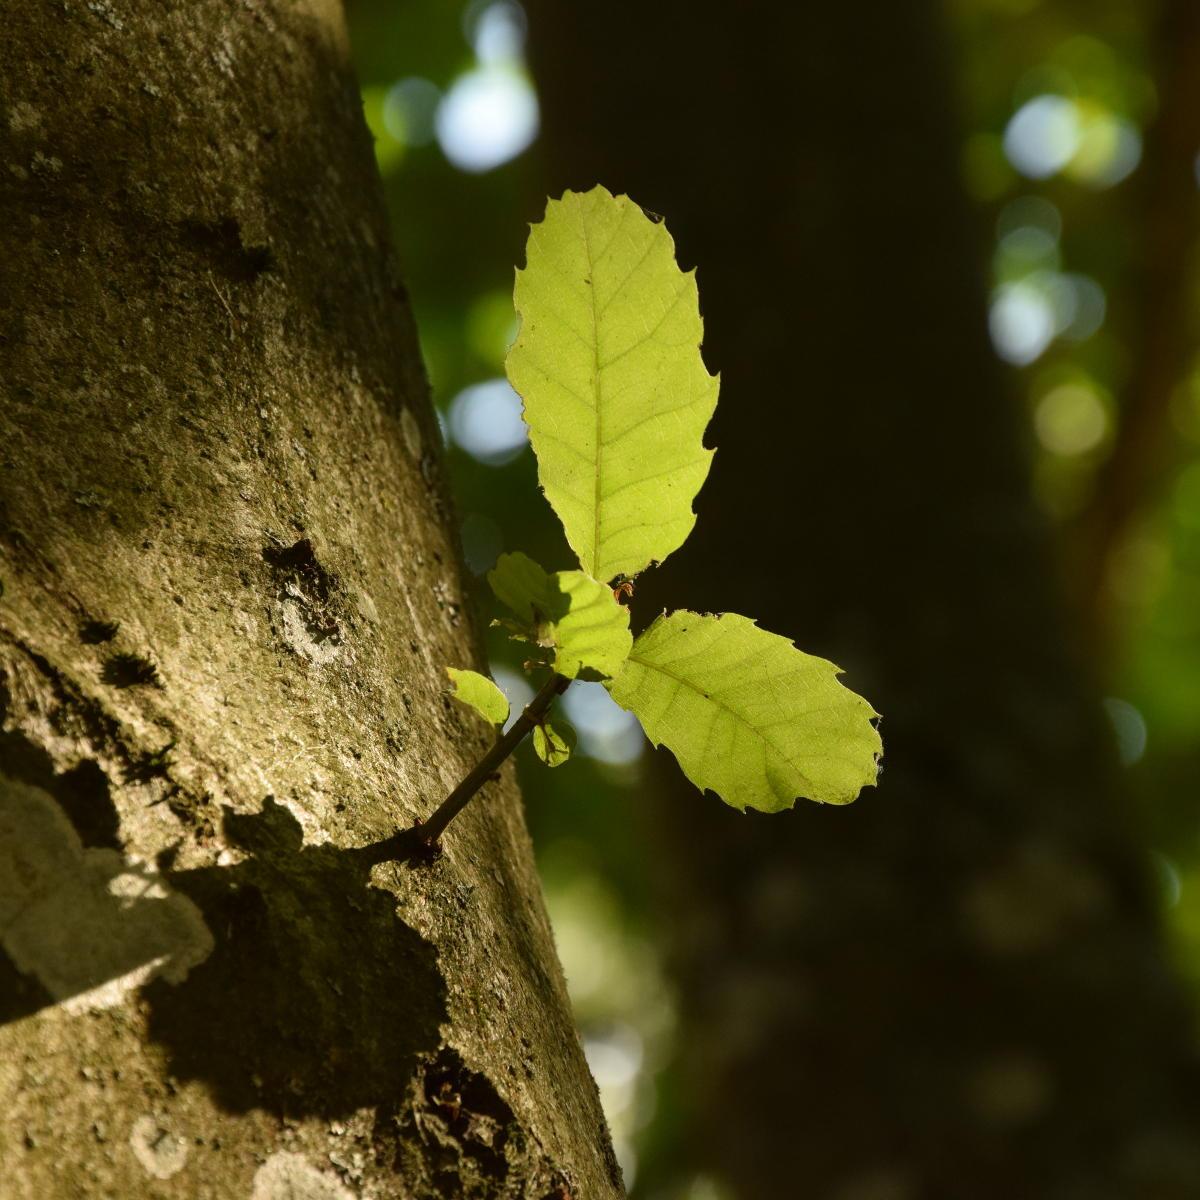 Baum des Jahres 2018: Richtiger Schnitt bei Esskastanie